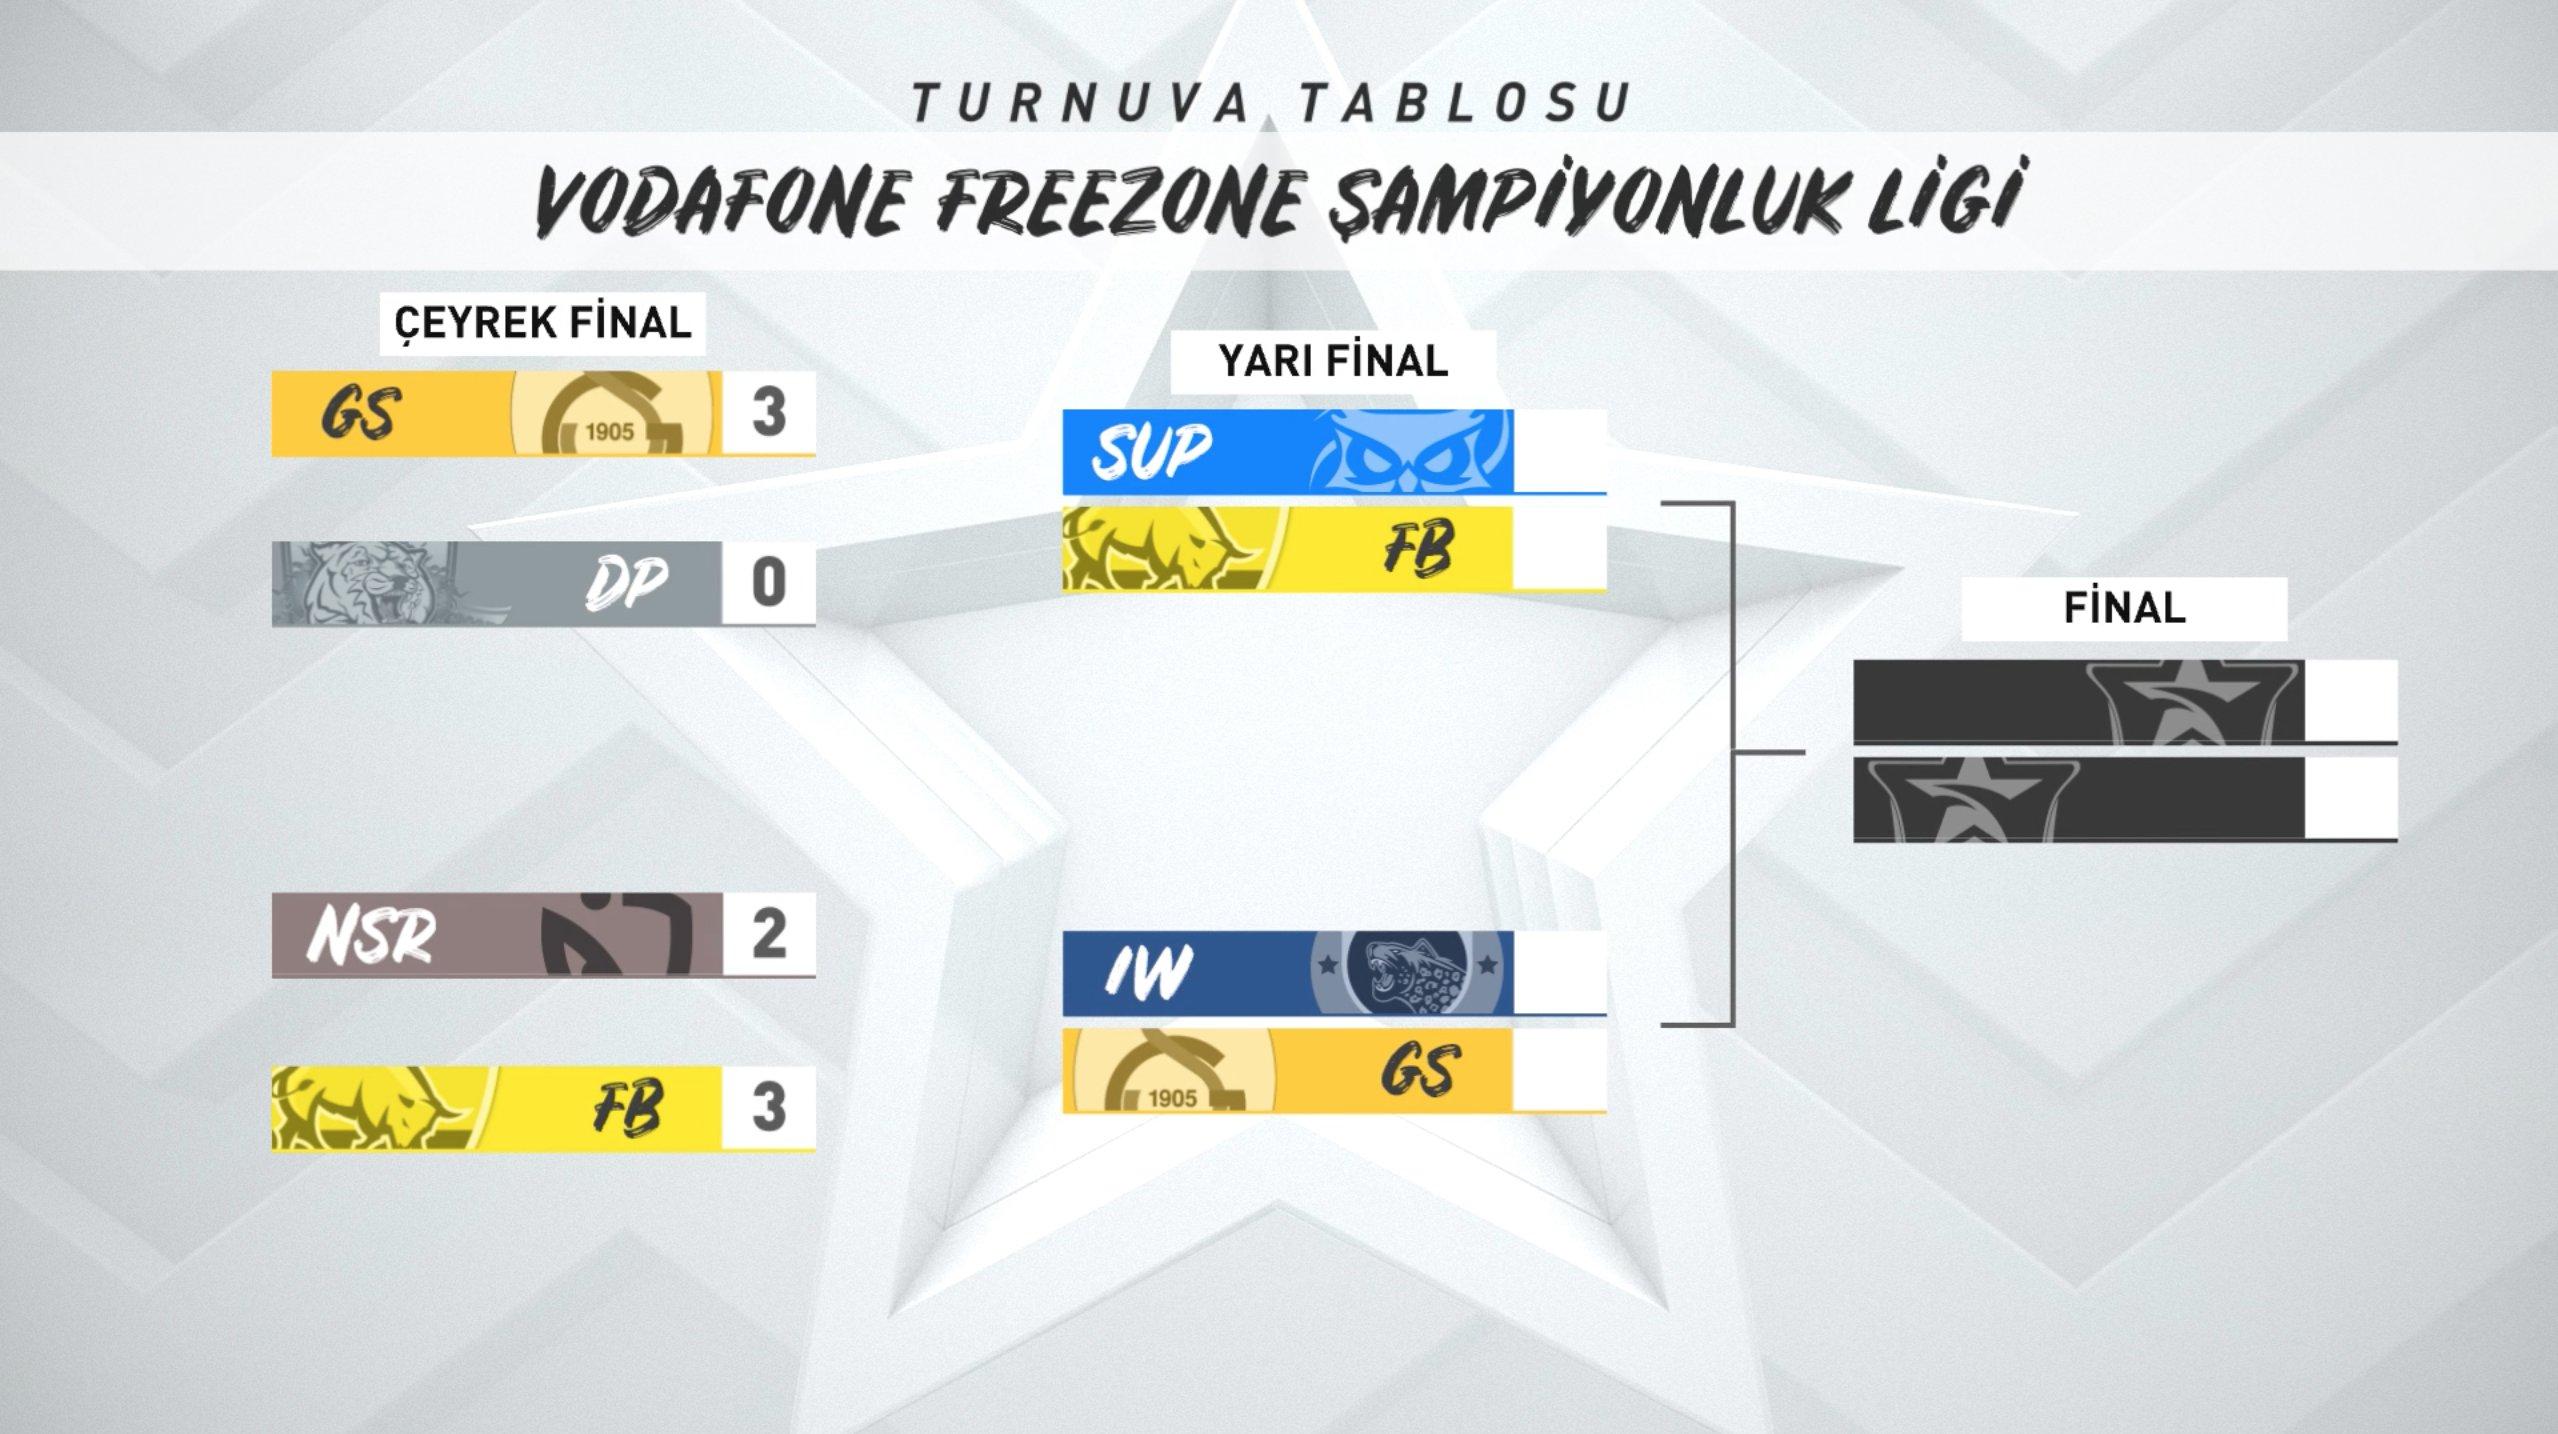 VFŞL 2021 Kış Mevsimi yarı finalleri